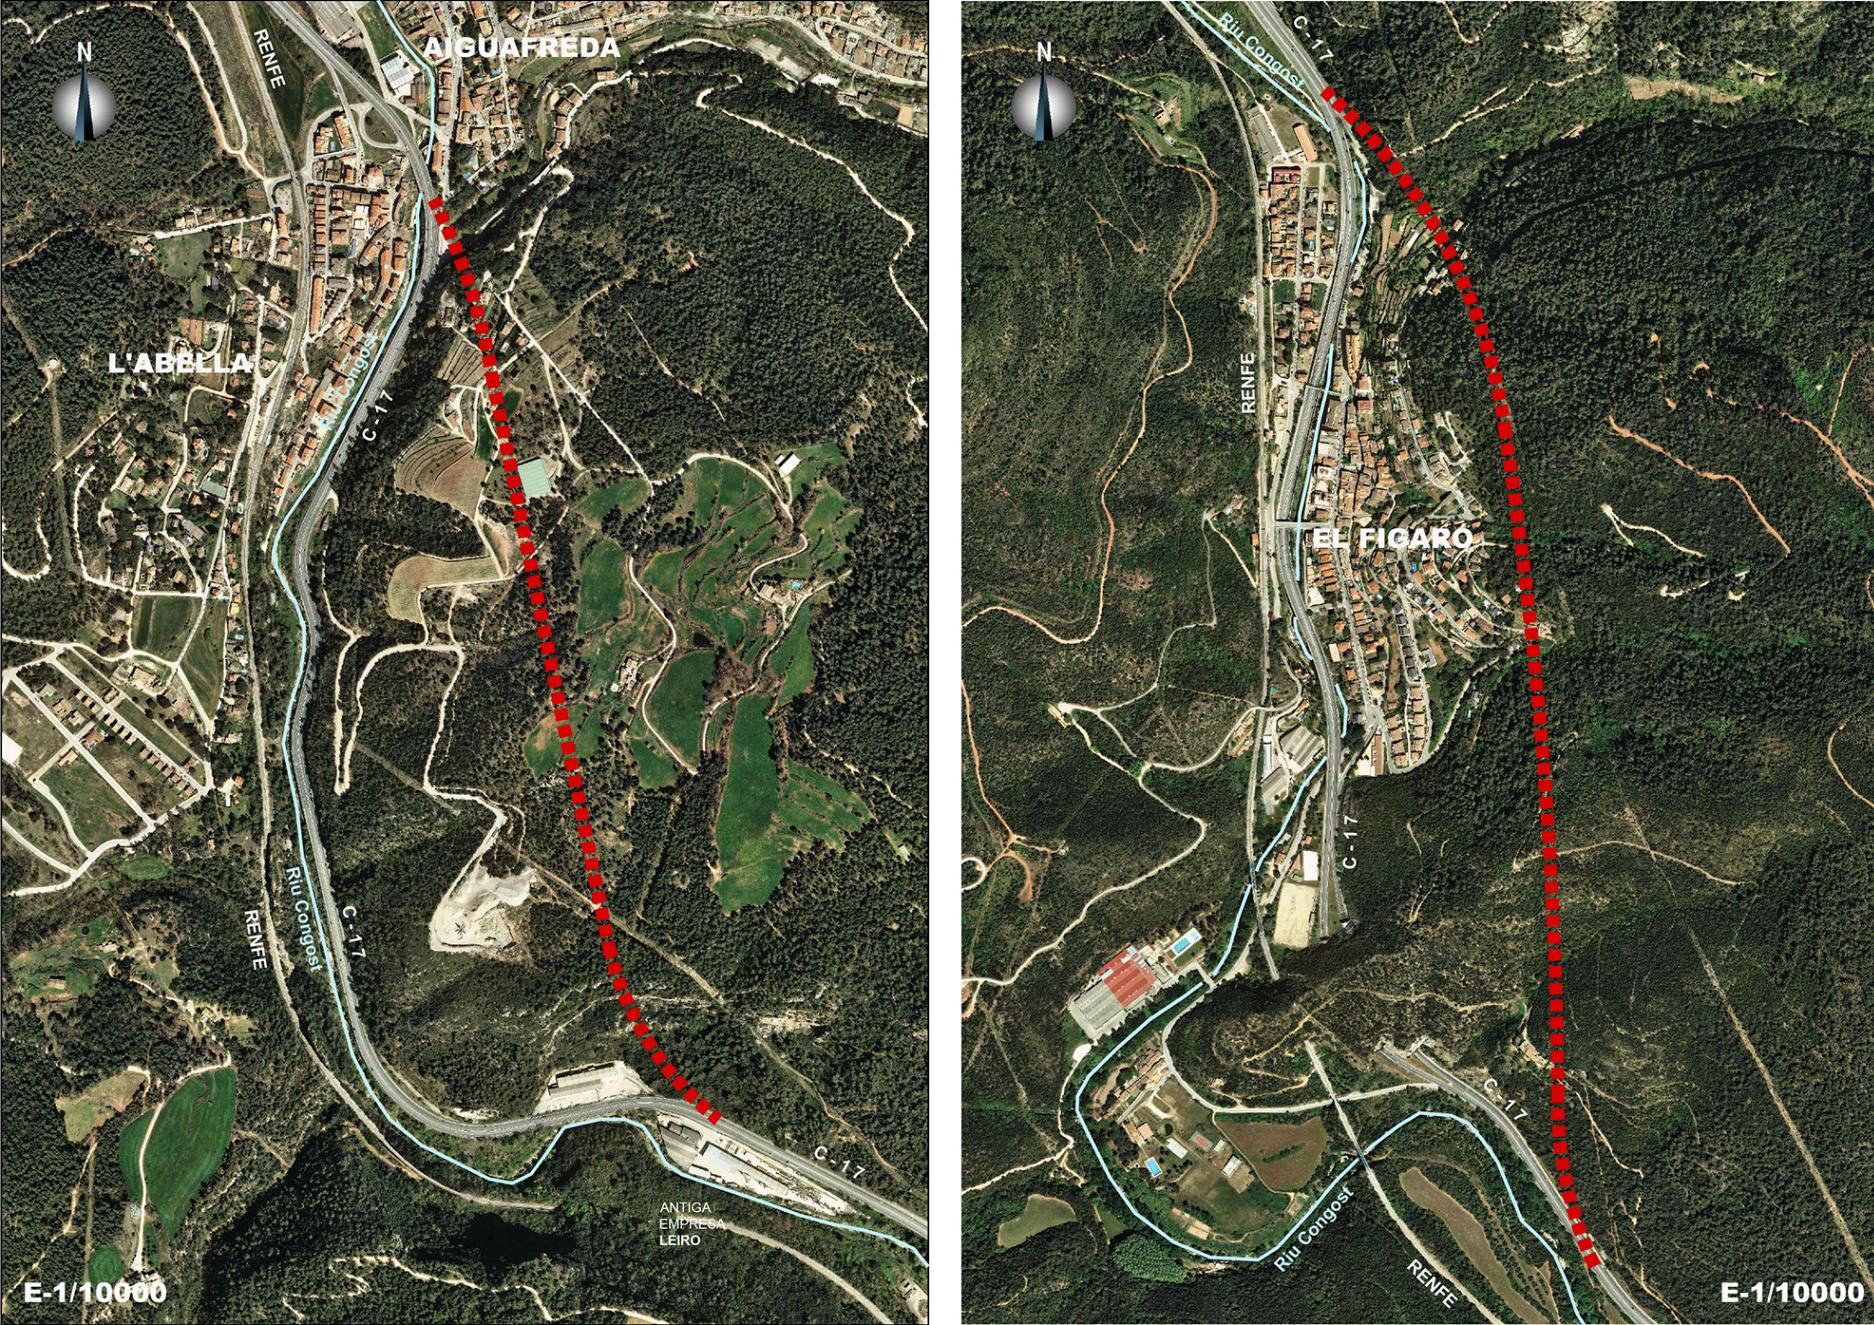 El projecte proposa allunyar la carretera de la vall del Congost en els trams entre Aiguafreda i Tagamanent, i el Figaró